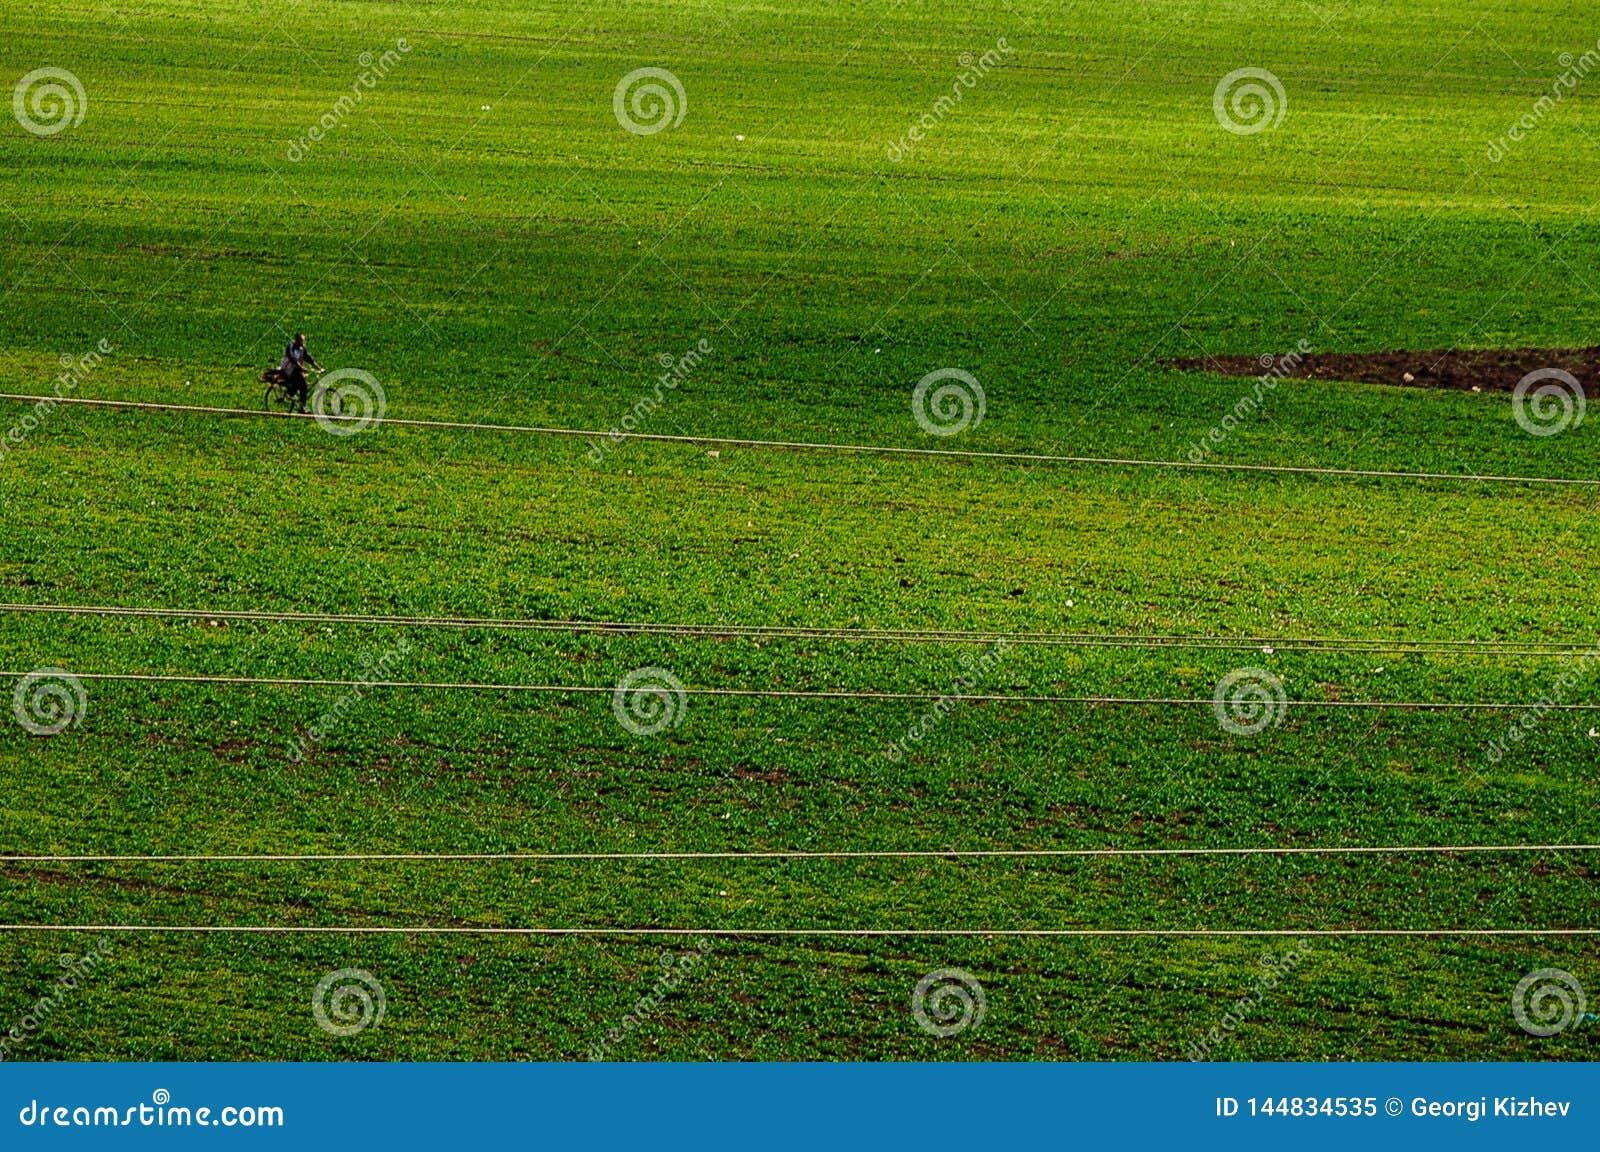 Green grass field with a biker